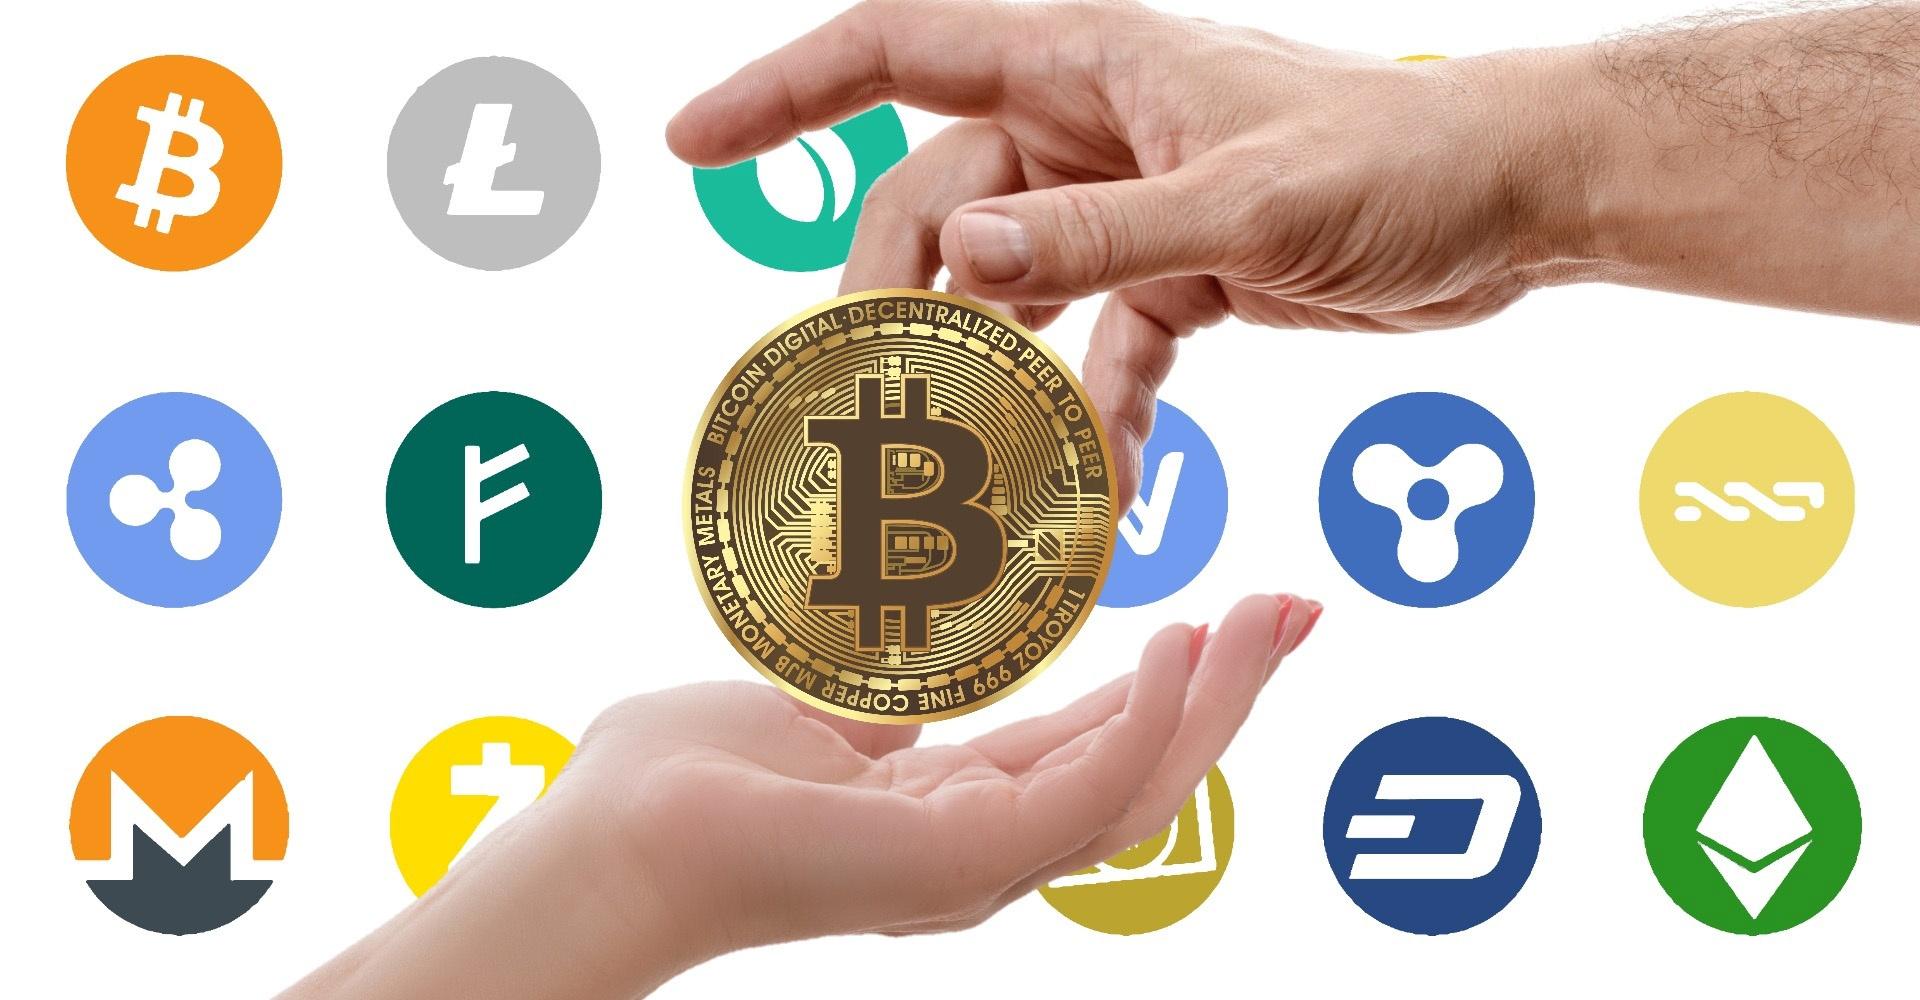 Kripto Para Nedir? Tarihçesi, Avantajları, Dezavantajları ve Daha Fazlası!